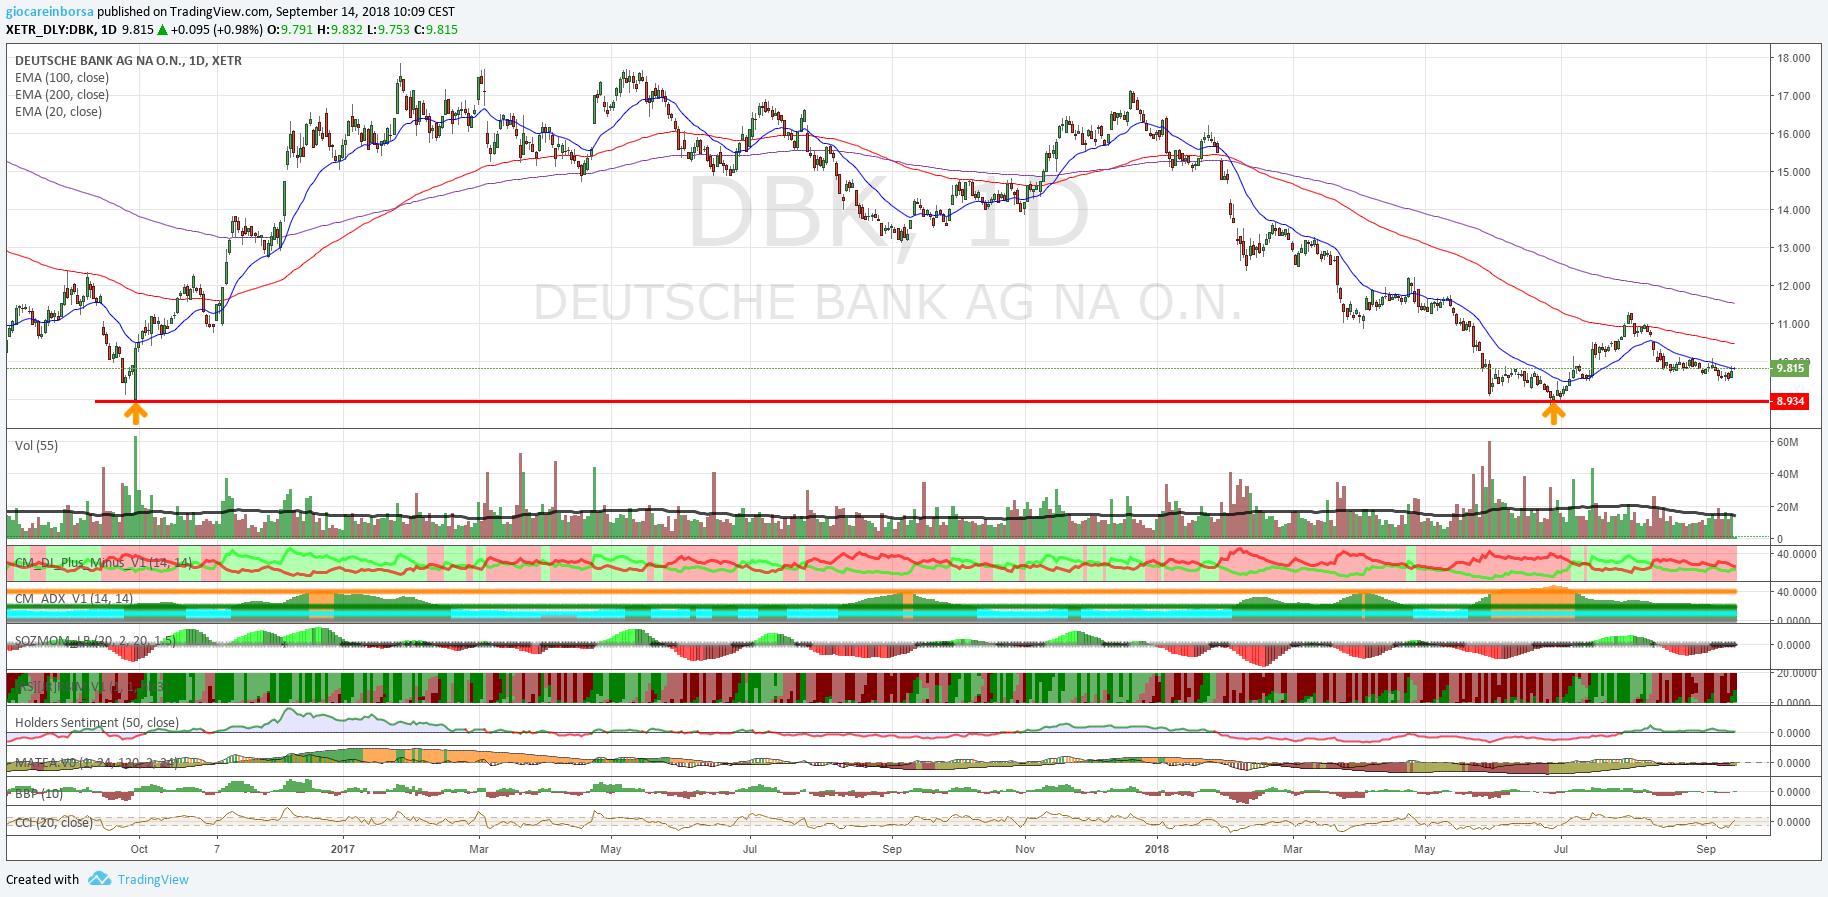 Azione Deutsche Bank, doppio minimo tutto da confermare